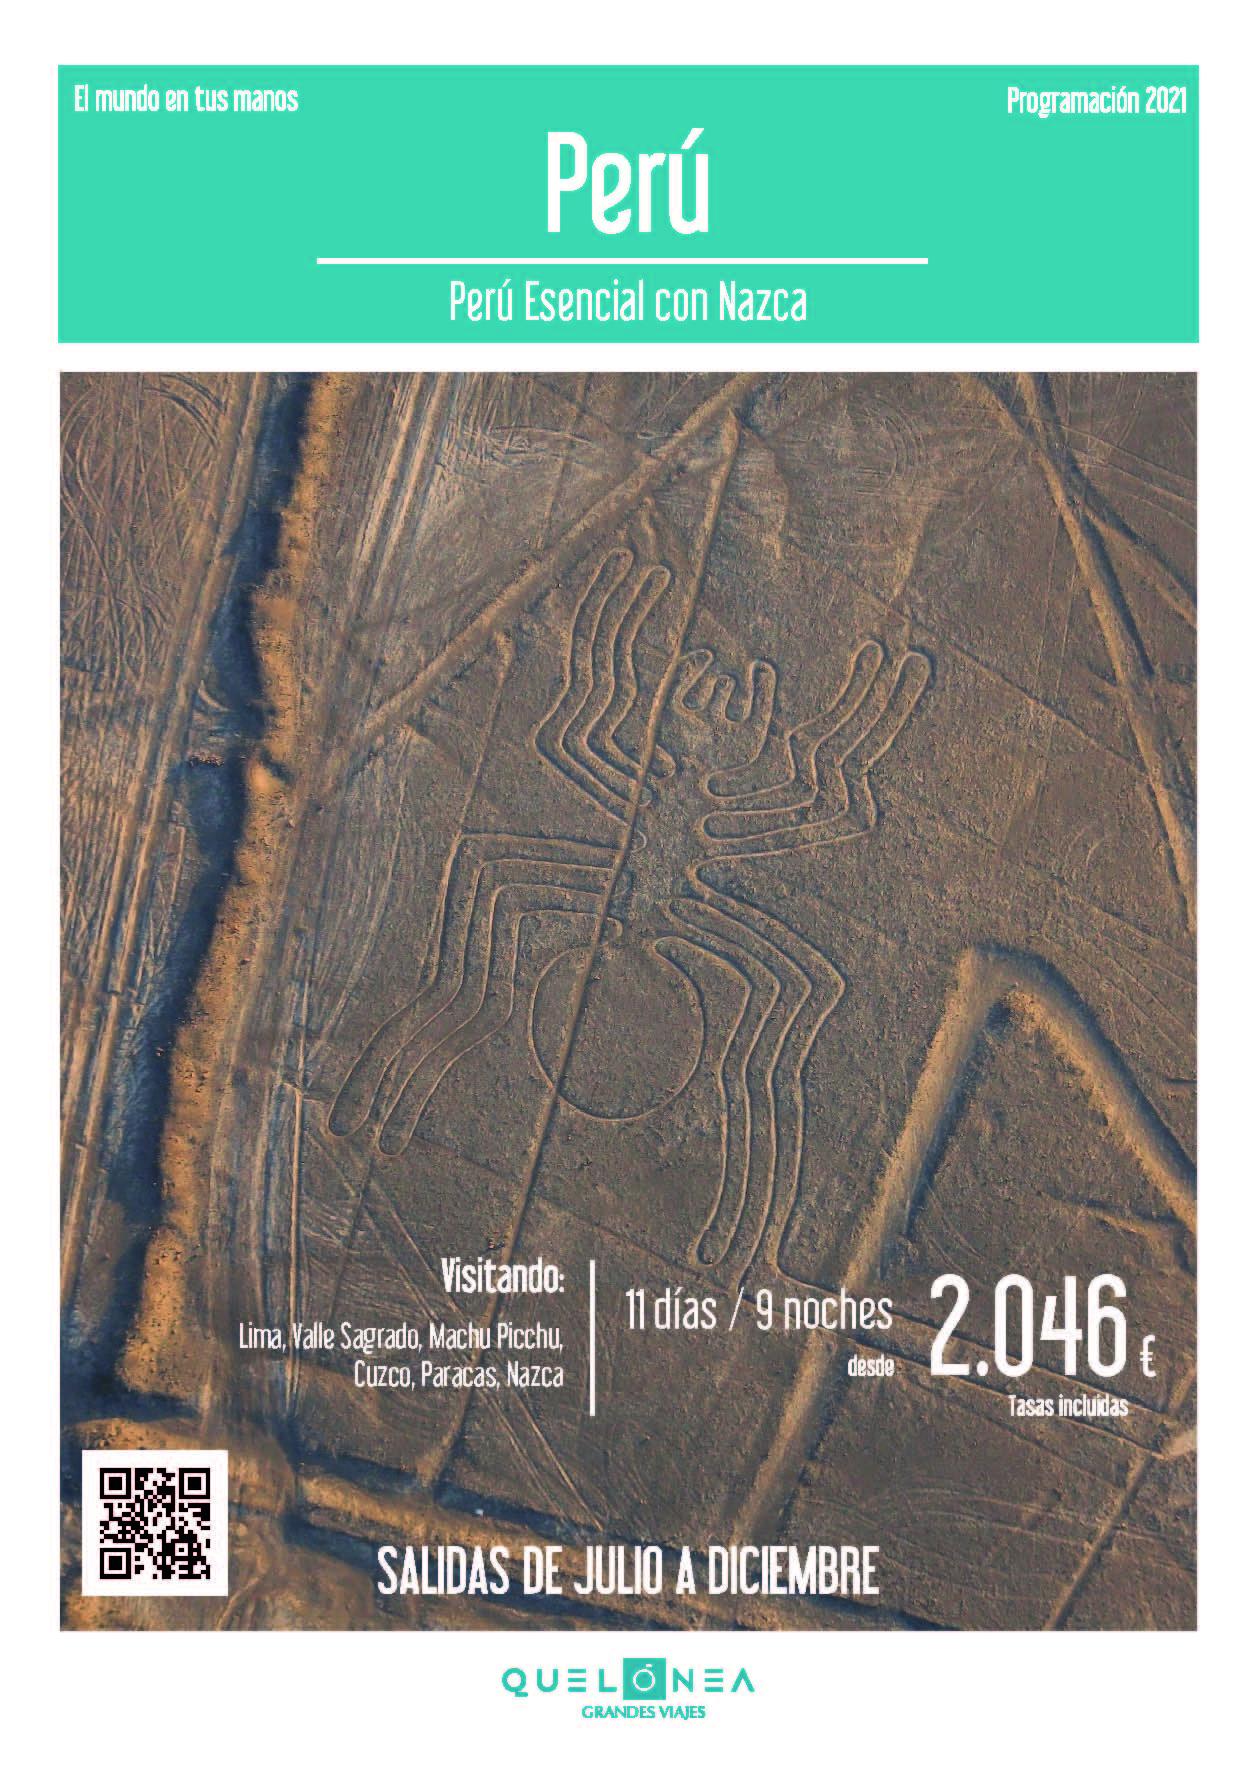 Ofertas Quelonea Peru Esencial con Nazca Verano y Otono 2021